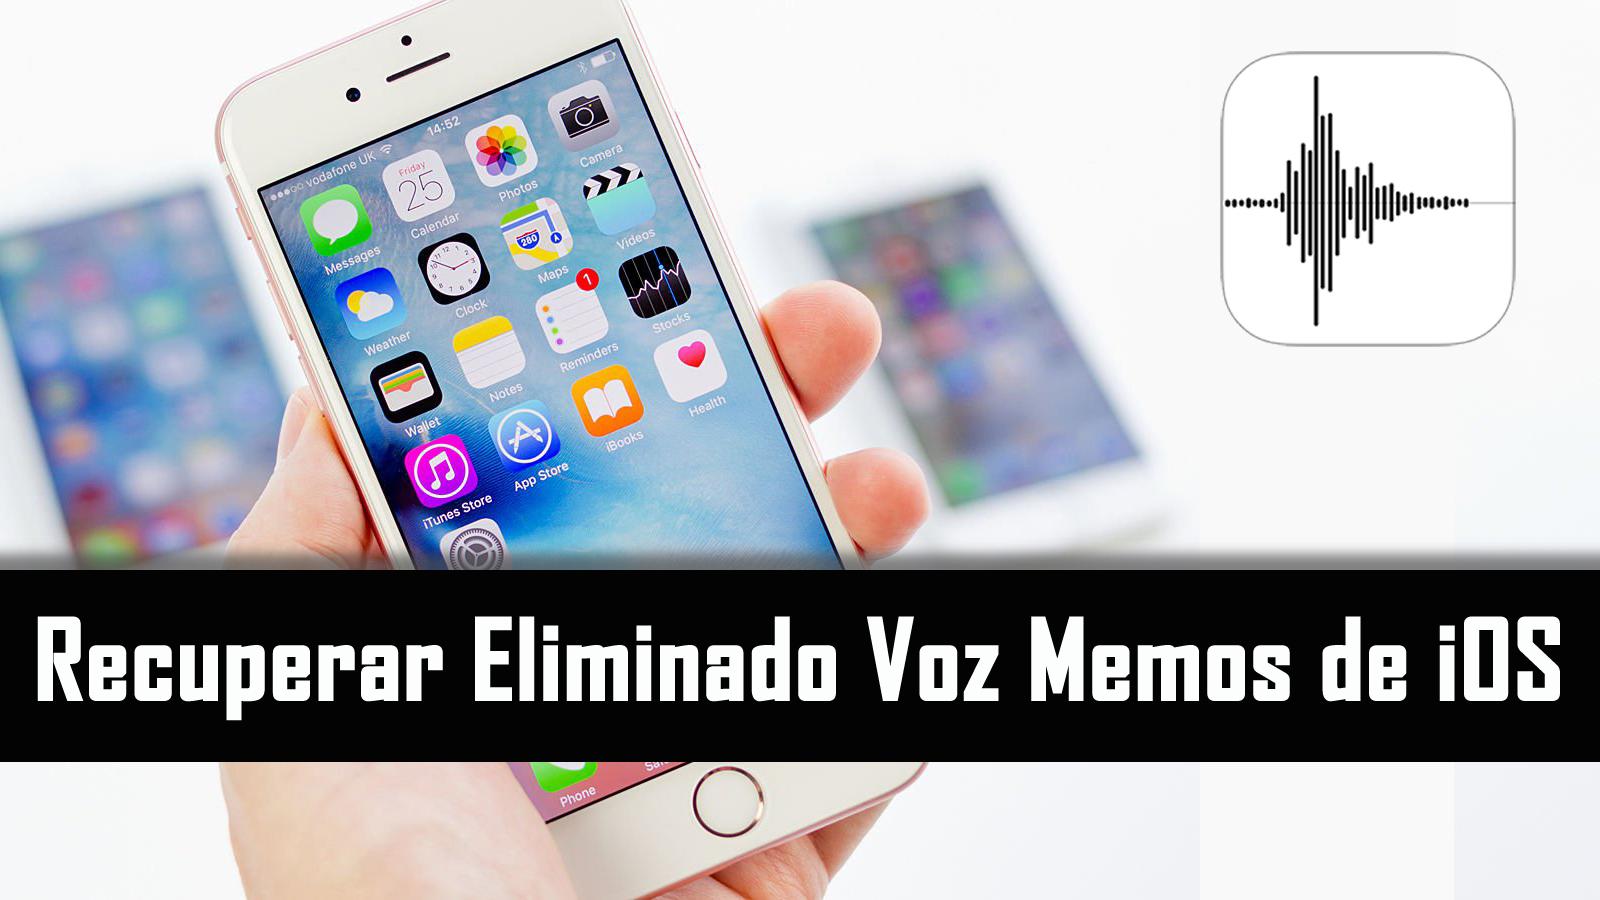 Recuperar Eliminado Voz Memos de iOS